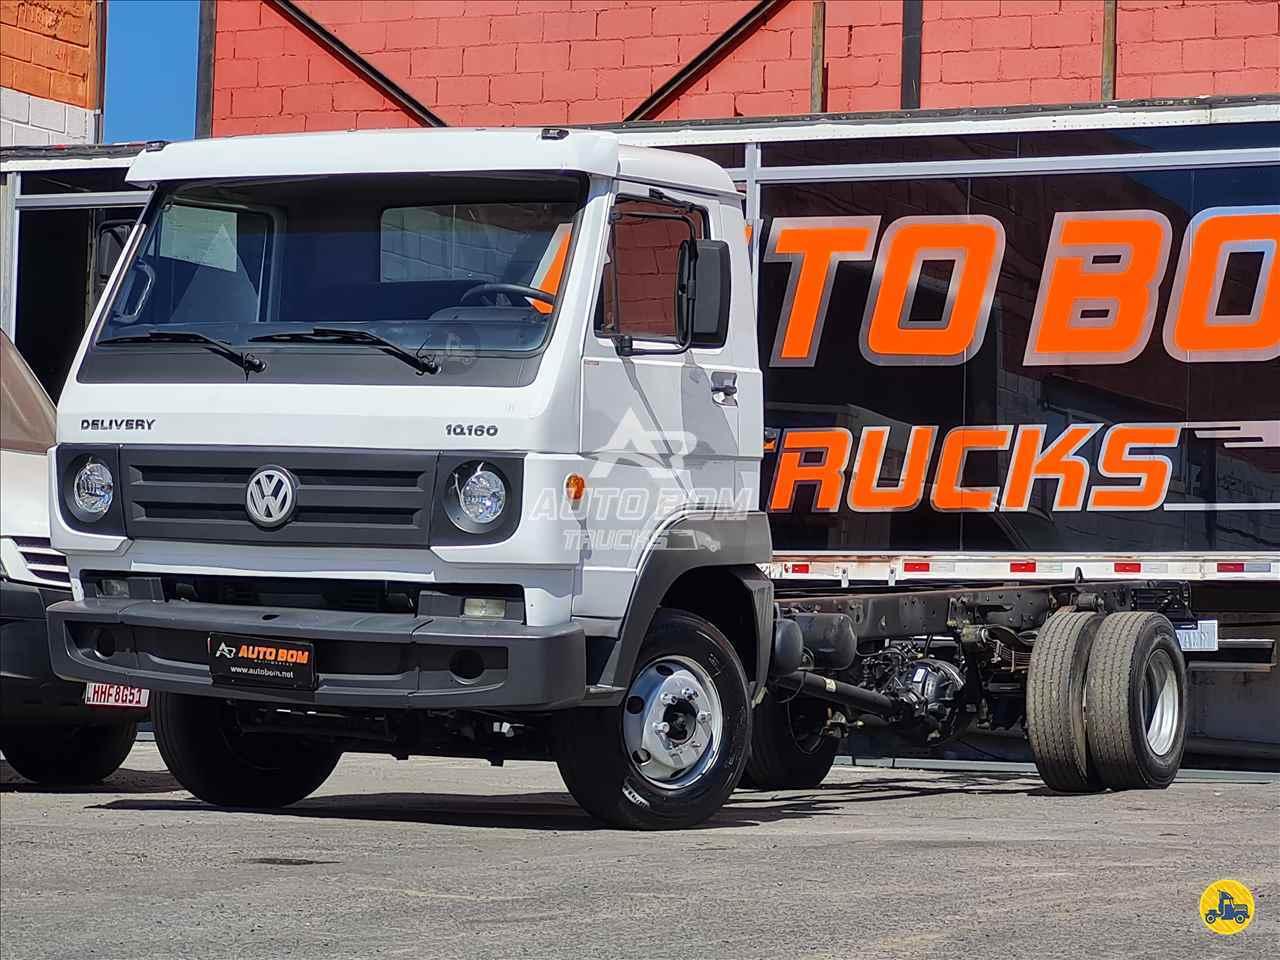 CAMINHAO VOLKSWAGEN VW 10160 Chassis 3/4 4x2 Autobom Trucks CONTAGEM MINAS GERAIS MG